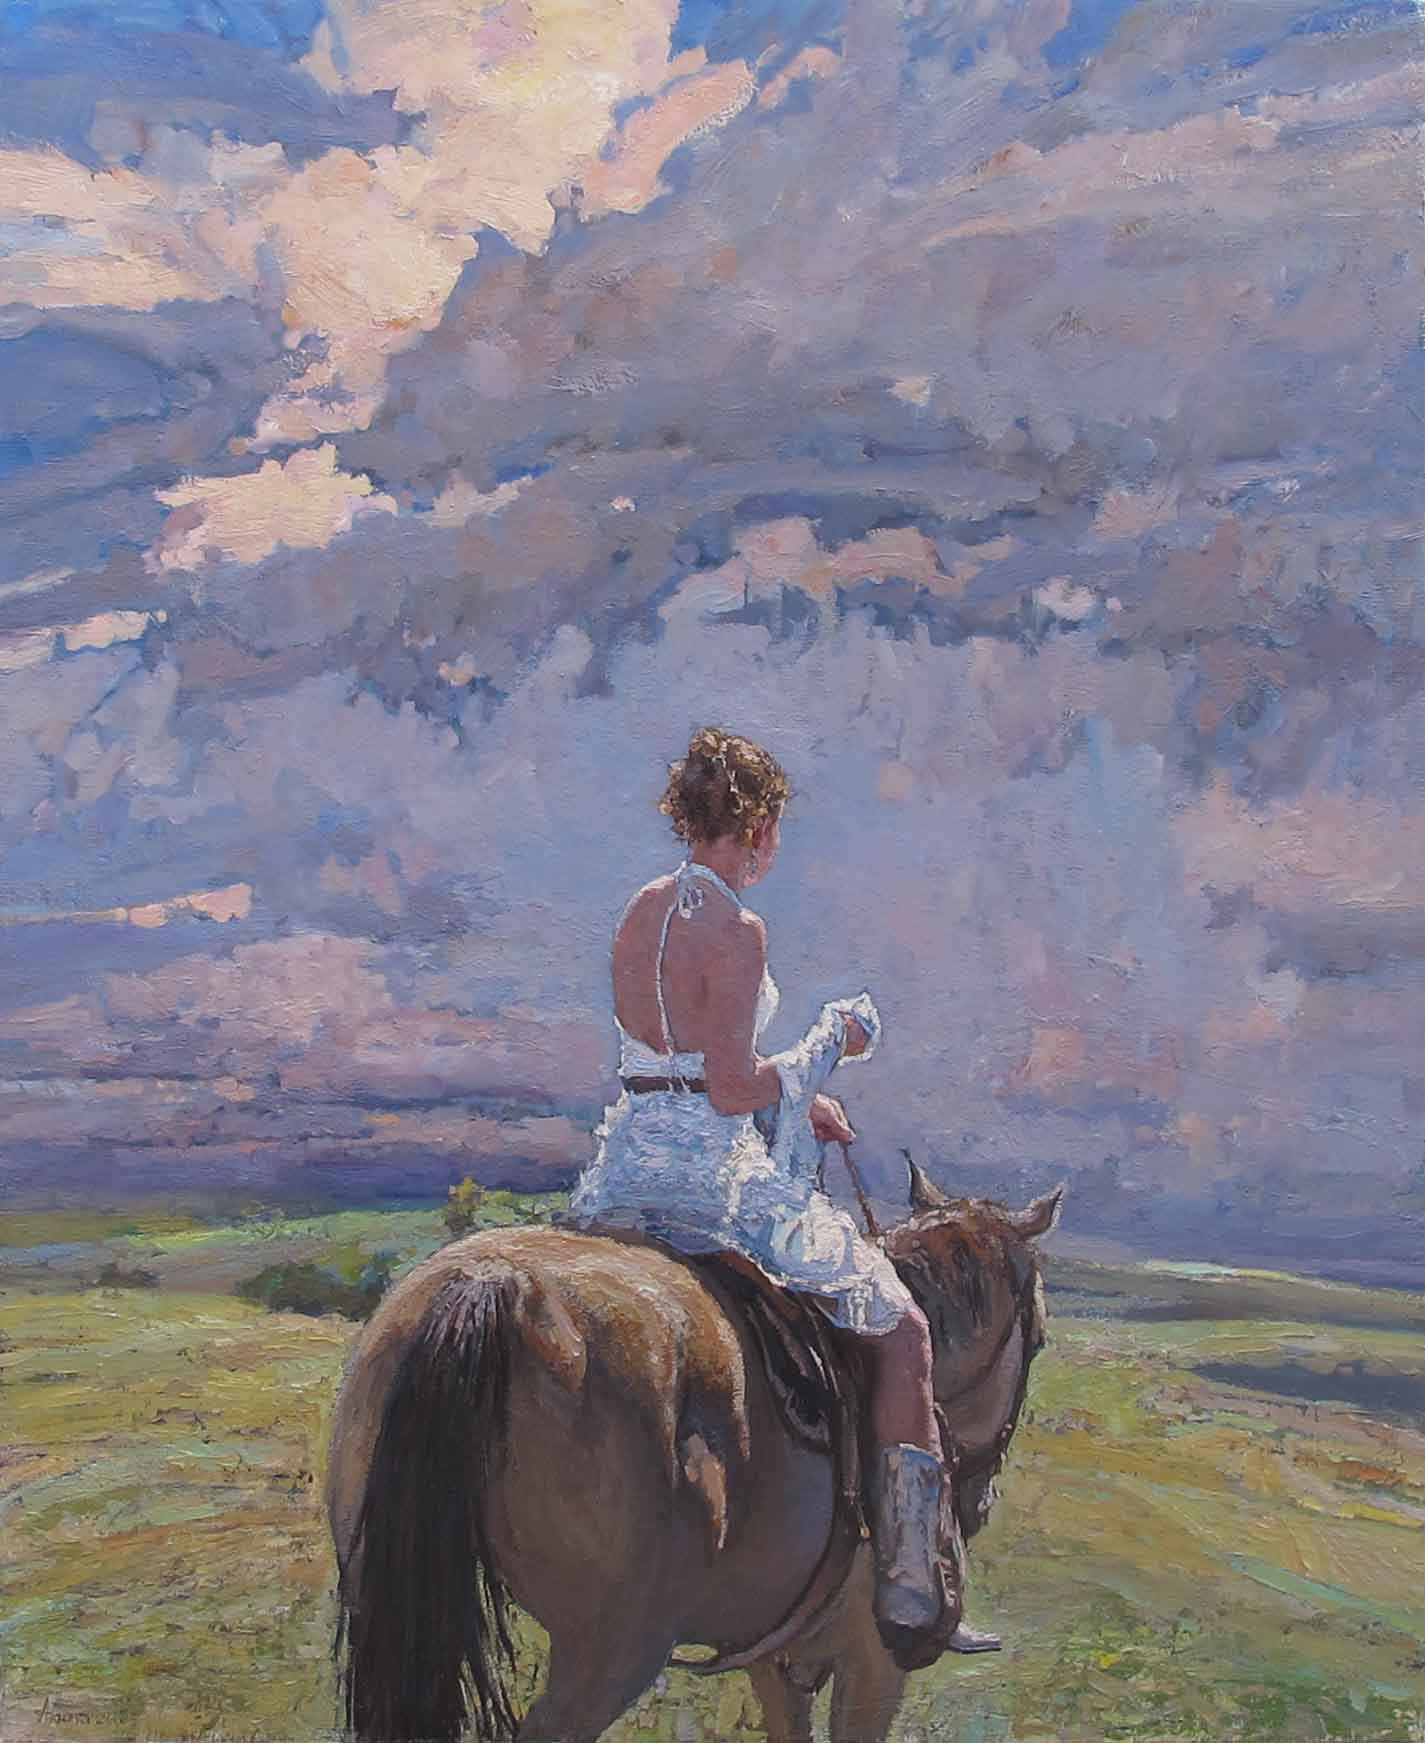 Western Bride, II by  Daud Akhriev - Masterpiece Online